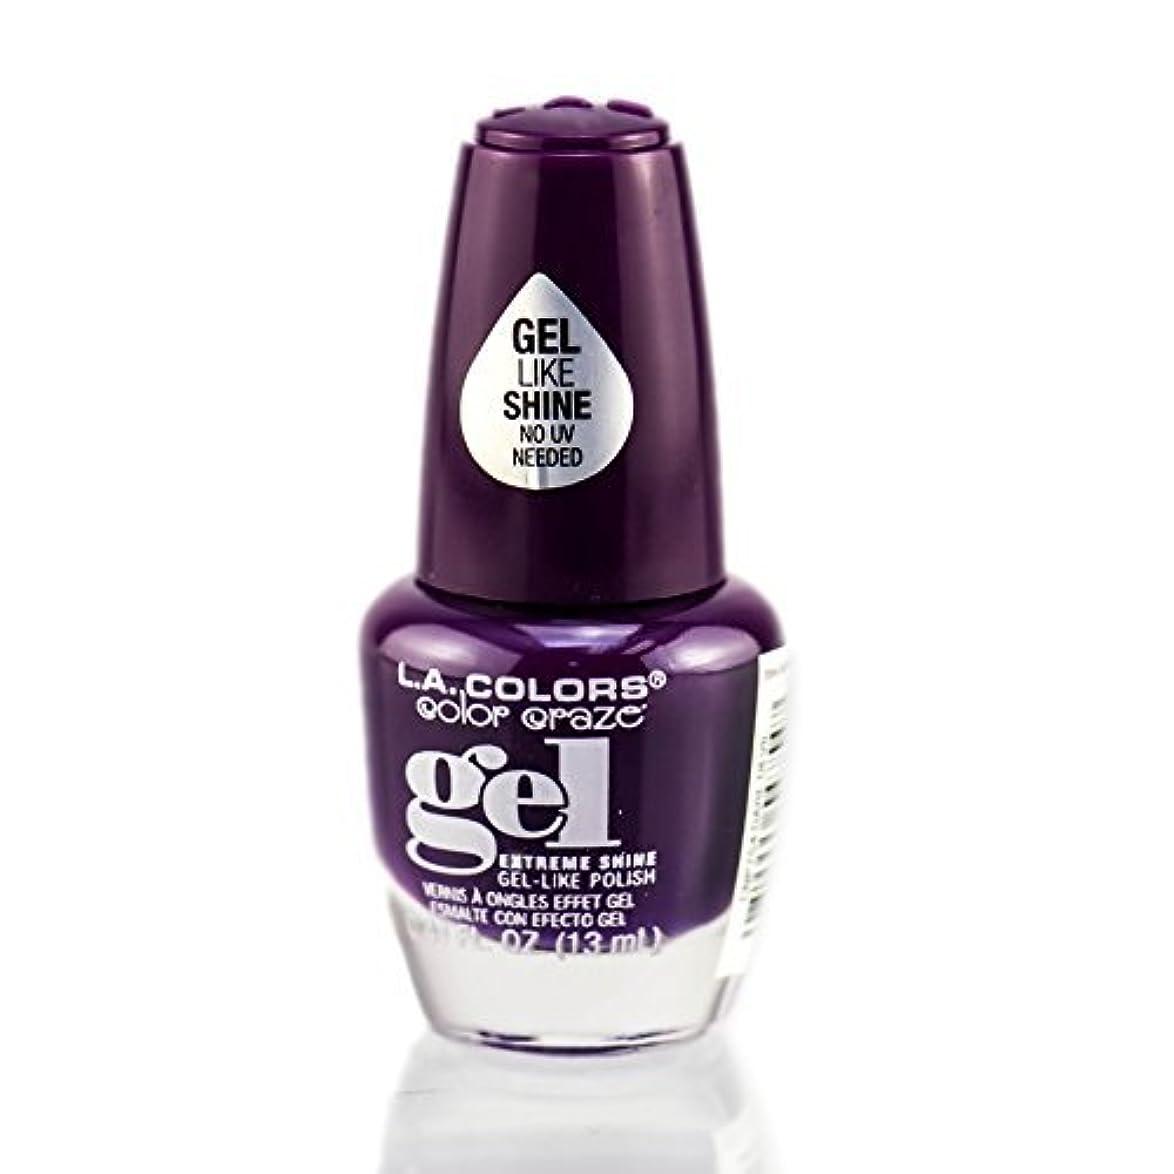 甘味芝生再発するLA Colors 美容化粧品21 Cnp754美容化粧品21